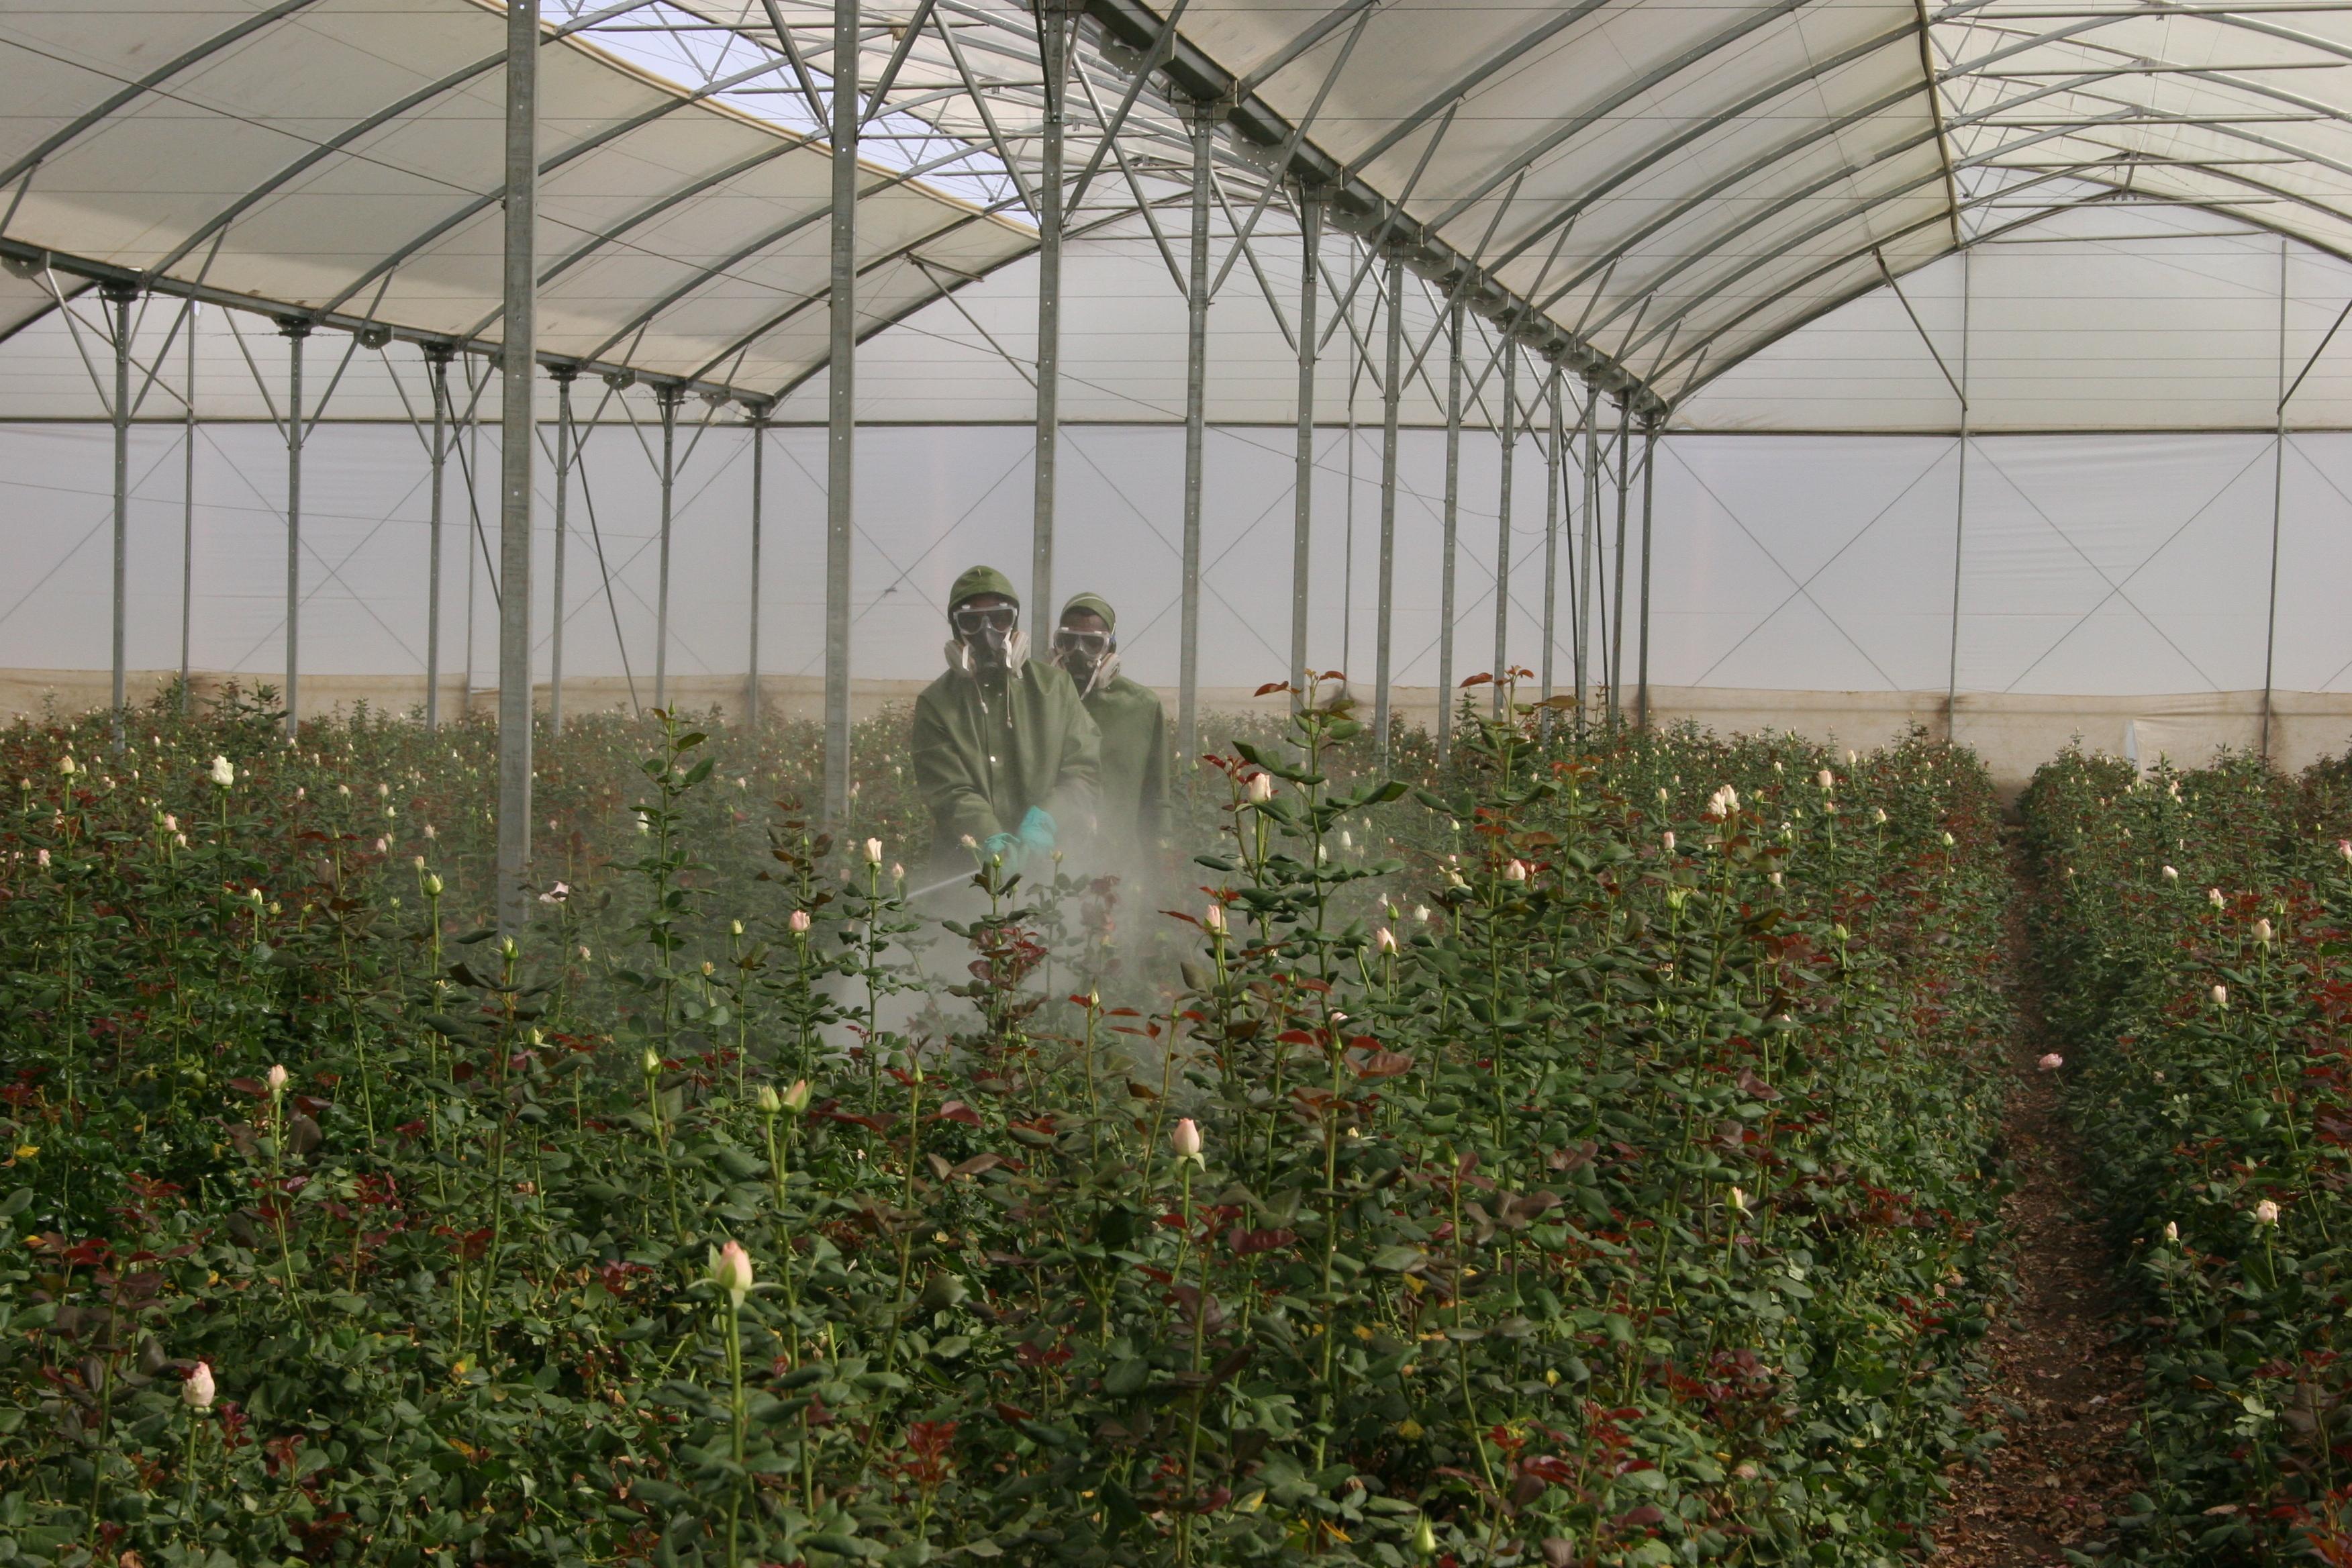 Spraying in flower farm